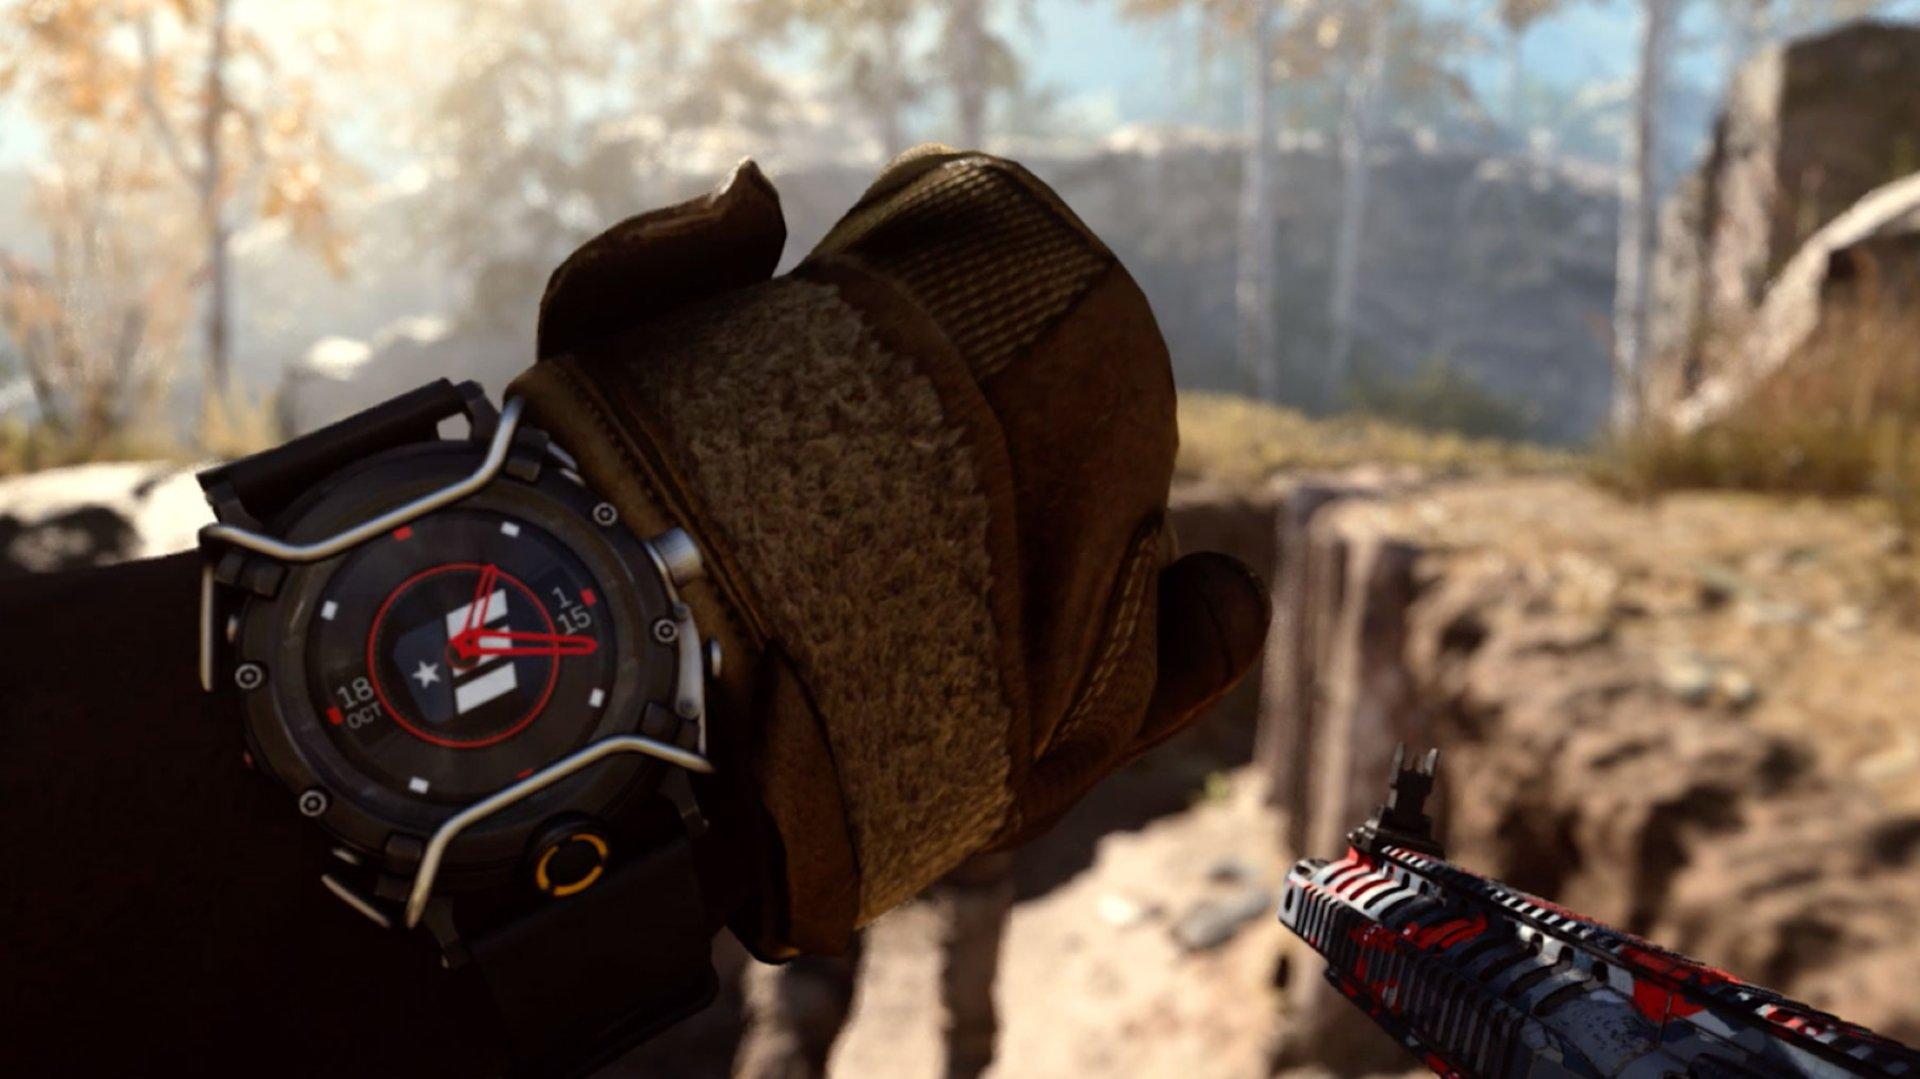 Comment obtenir des montres dans Call of Duty : Modern Warfare